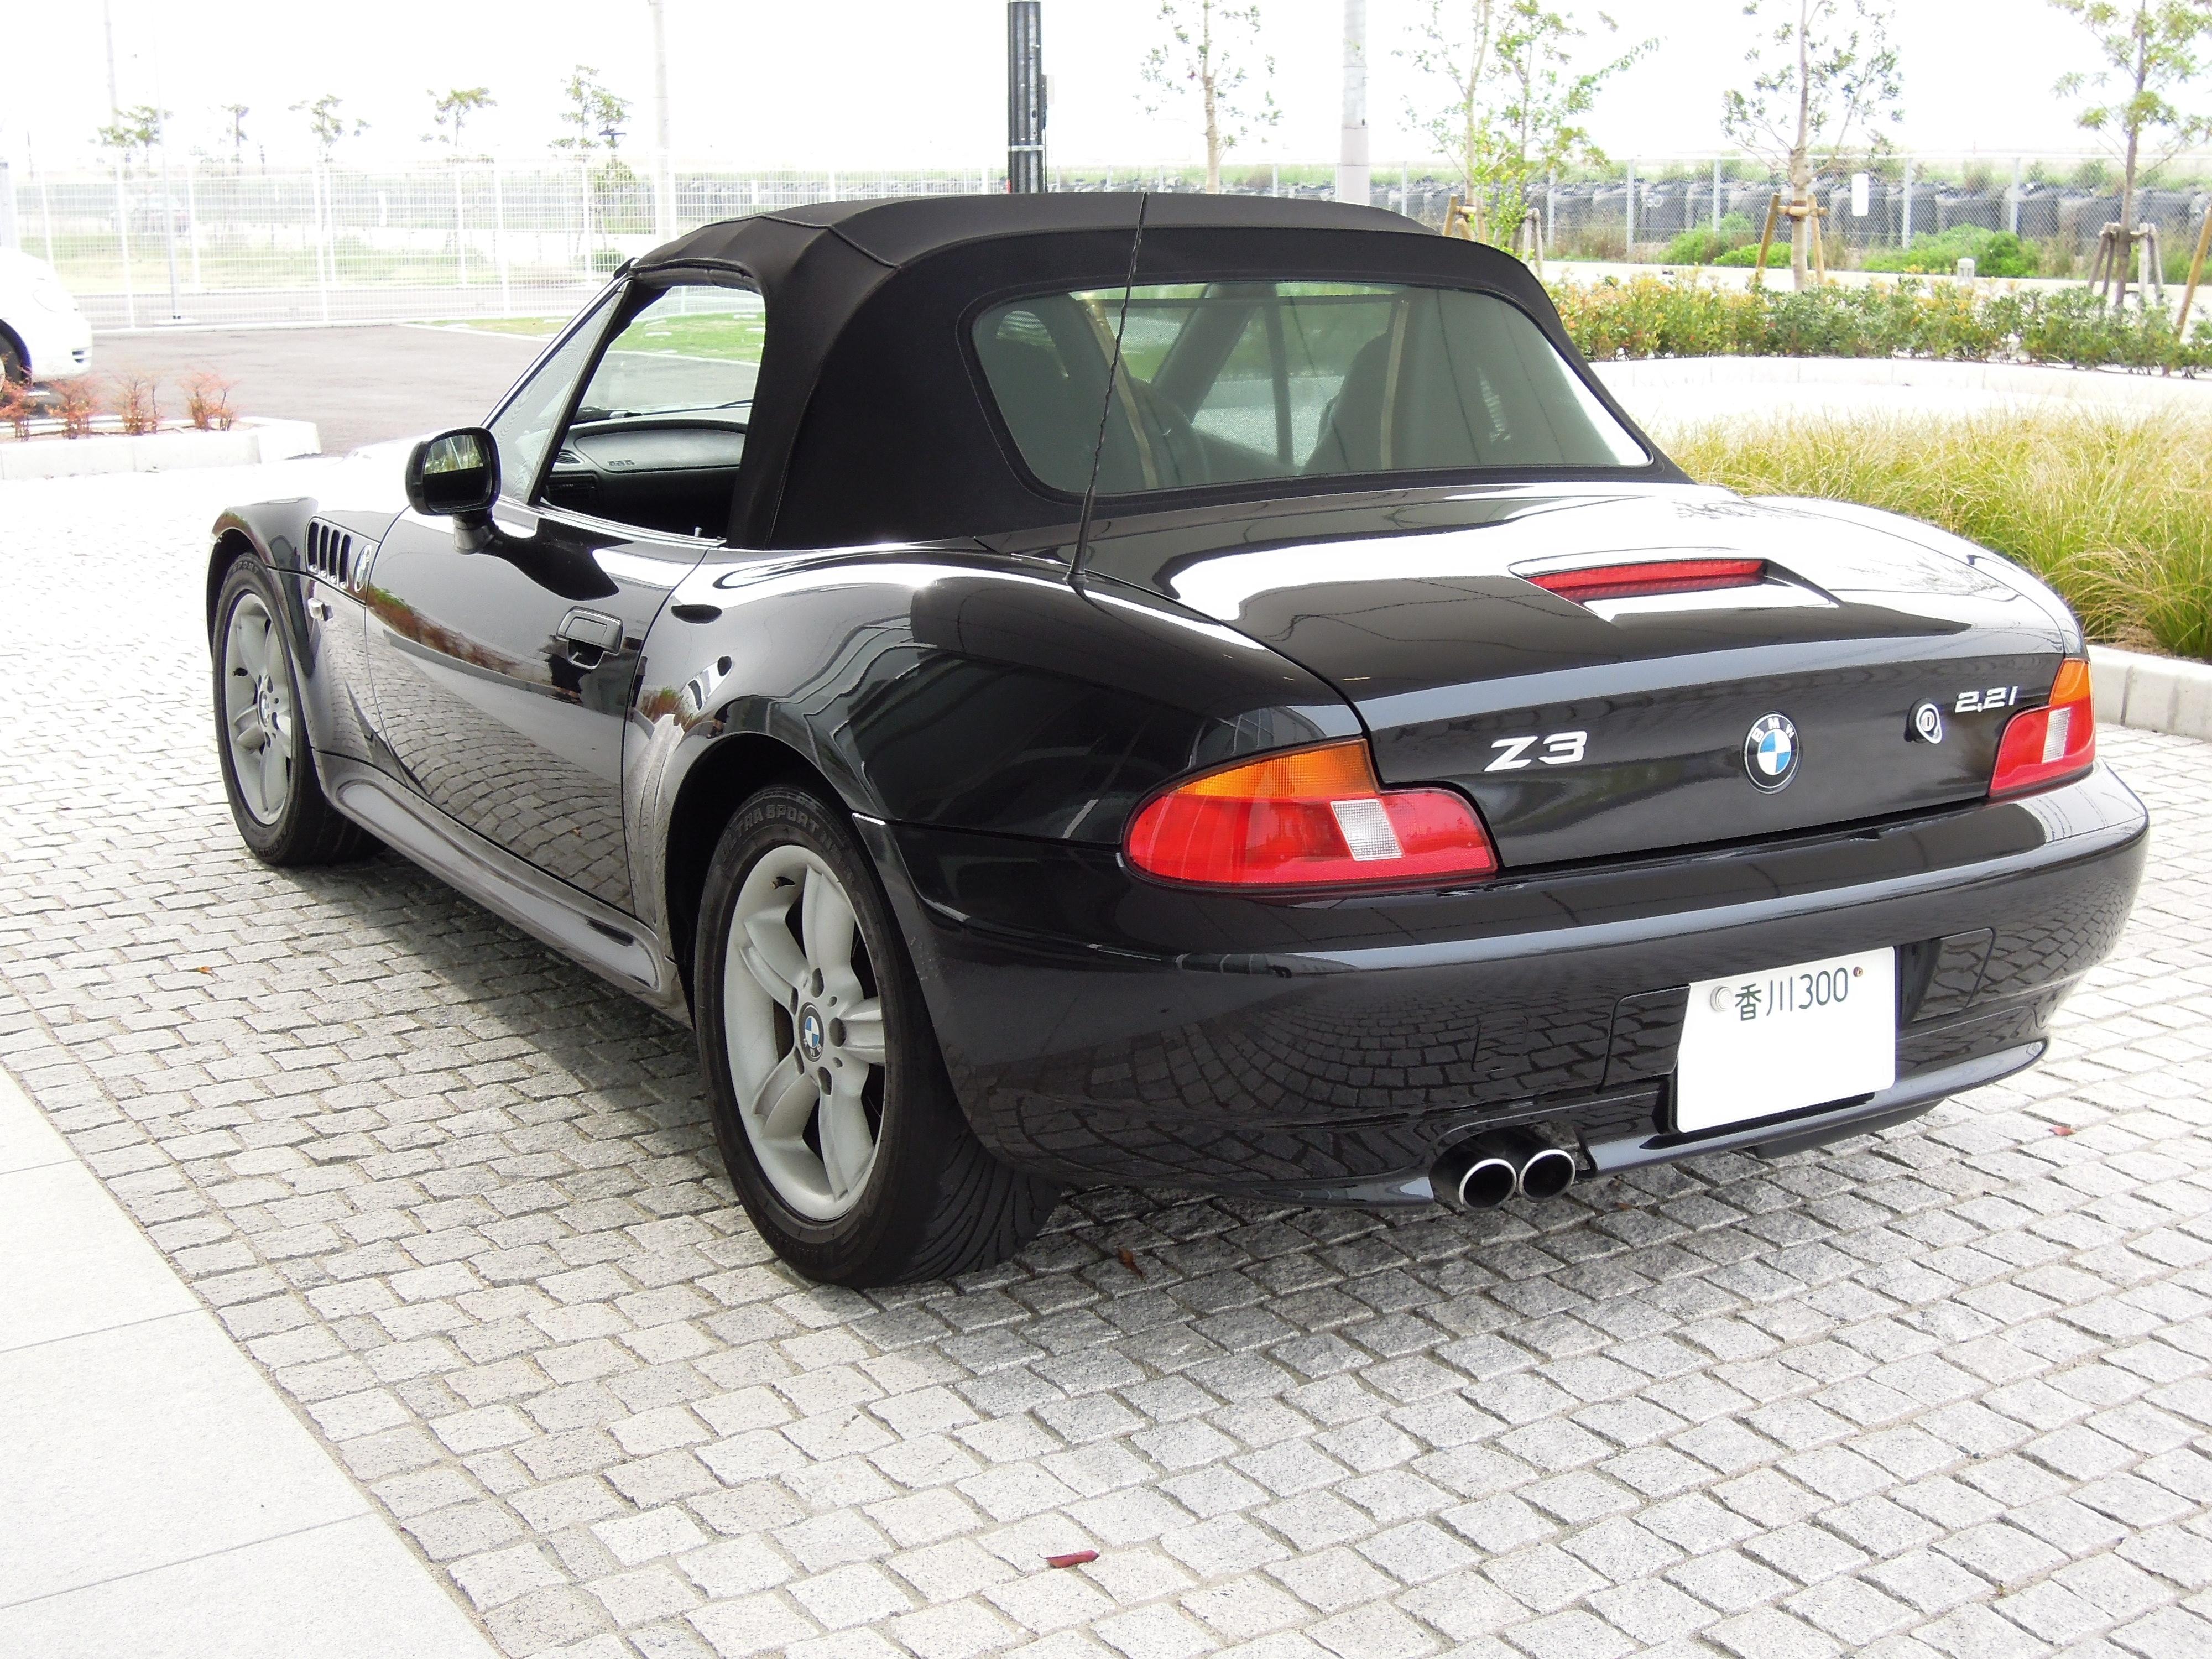 1999 Bmw Z3 Image 3